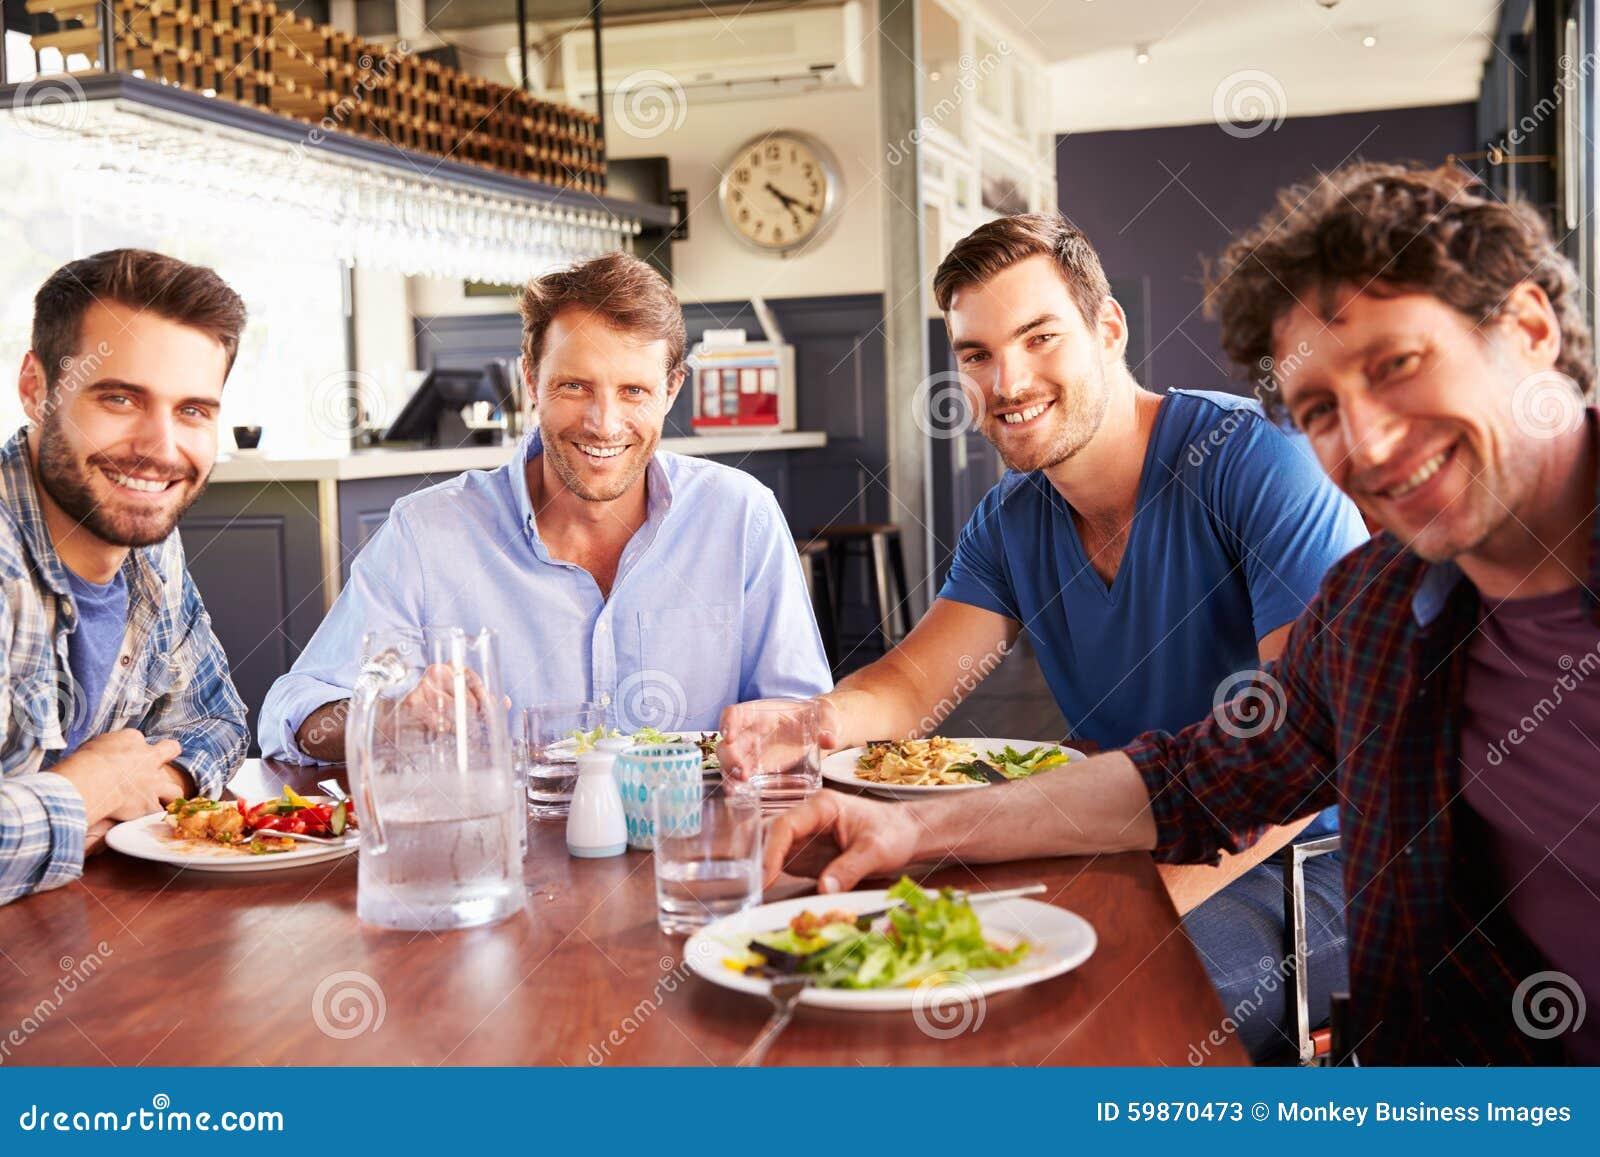 Eine Gruppe Männer, die in einem Restaurant zu Mittag essen